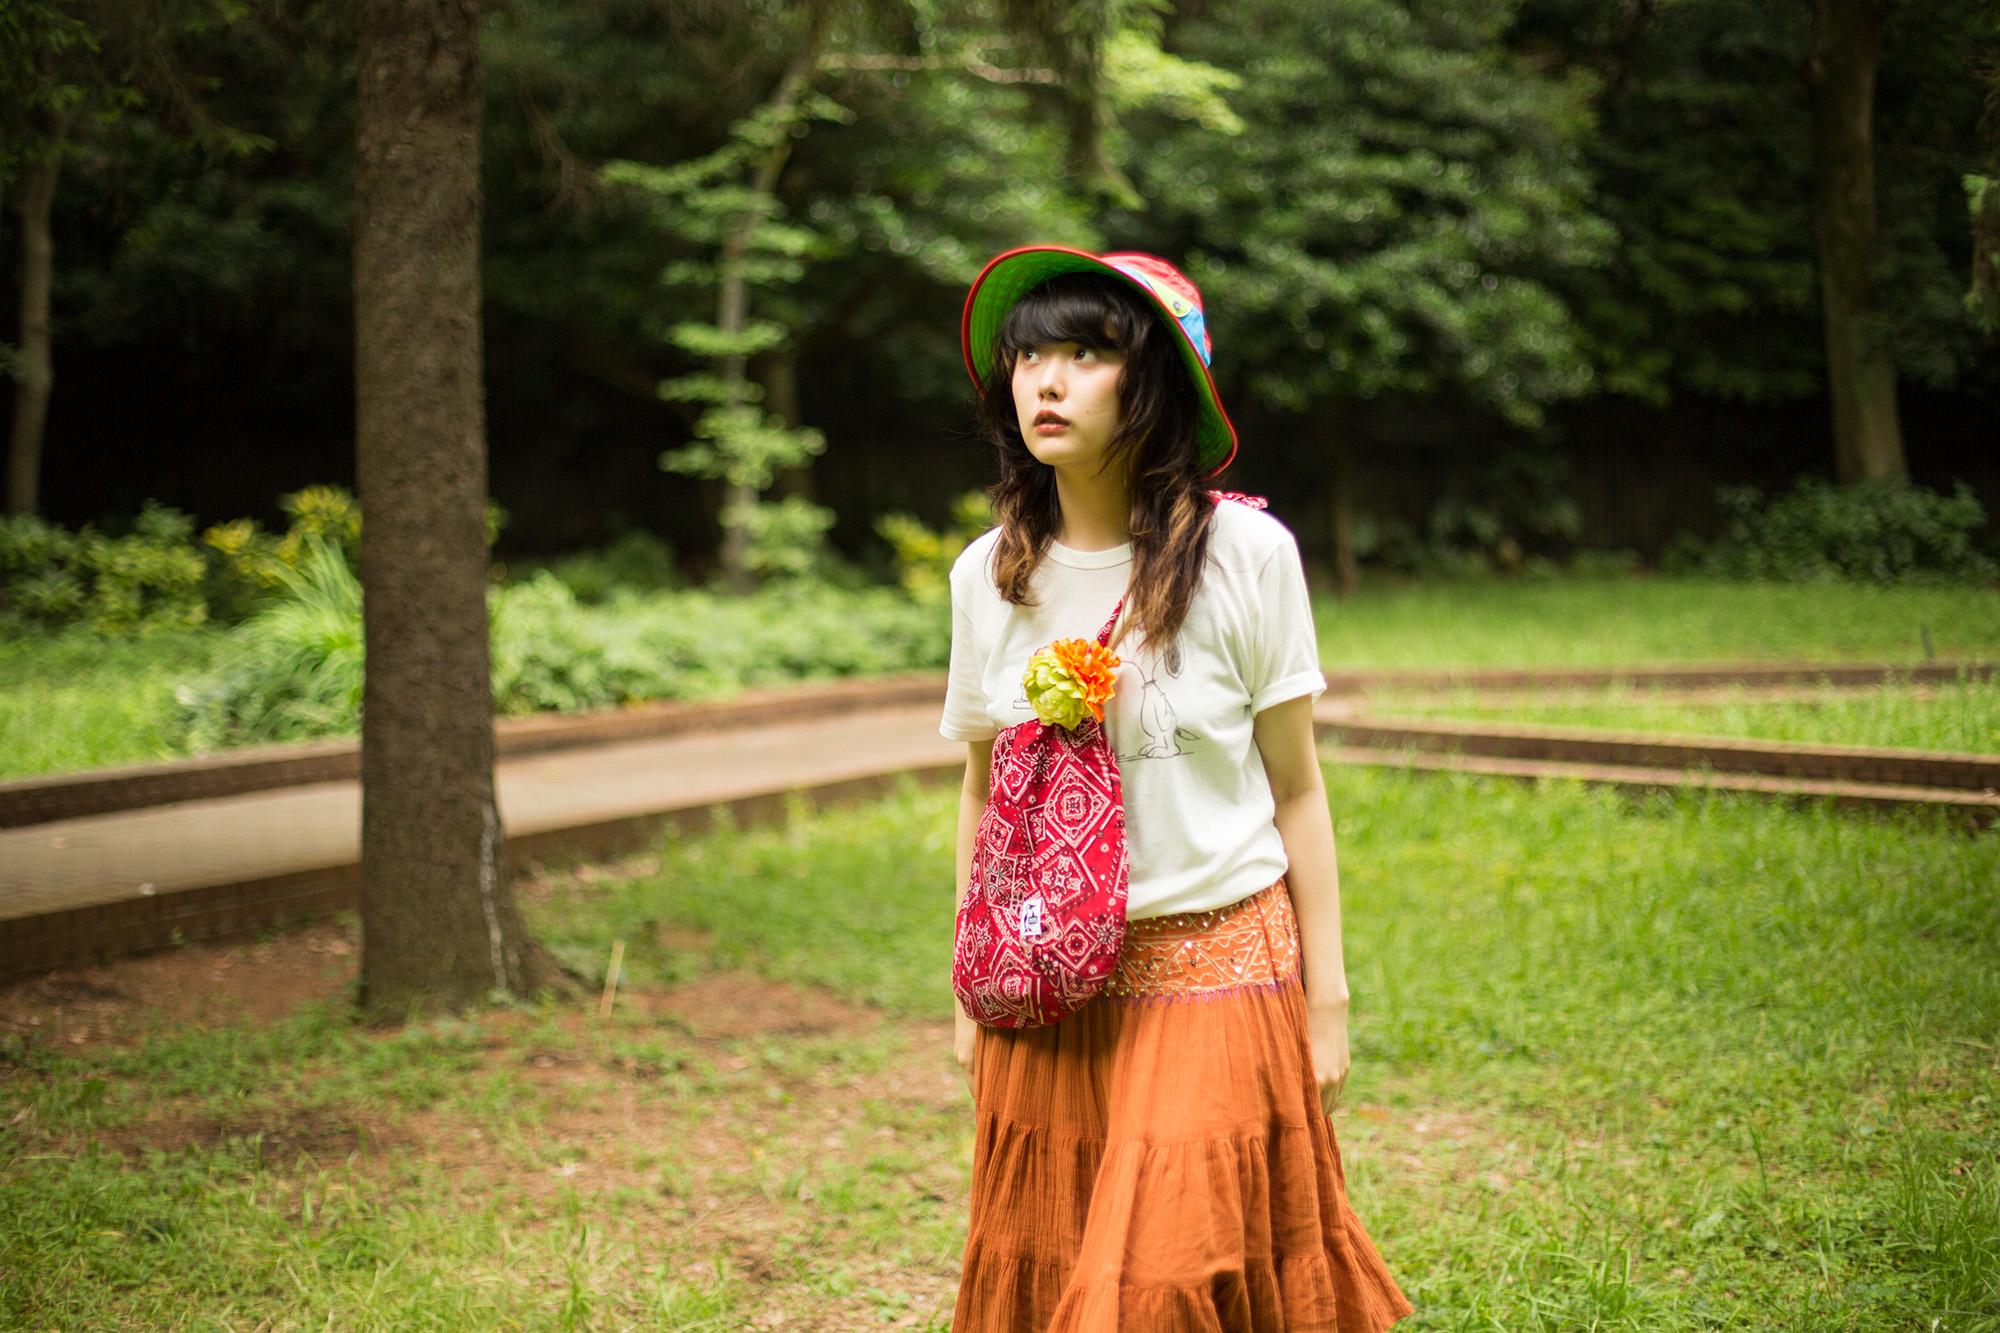 【フェスファッション】フジロックにも着ていきたい!2016年、夏フェスコーデ R7A3986